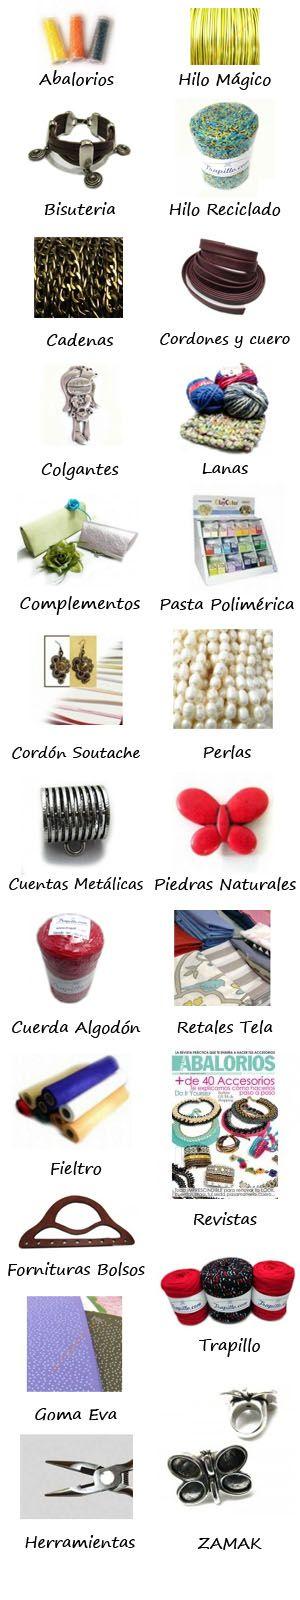 Cómo hacer abrigados cuellos de trapillo con patrones XL o de lana | El blog de trapillo.com